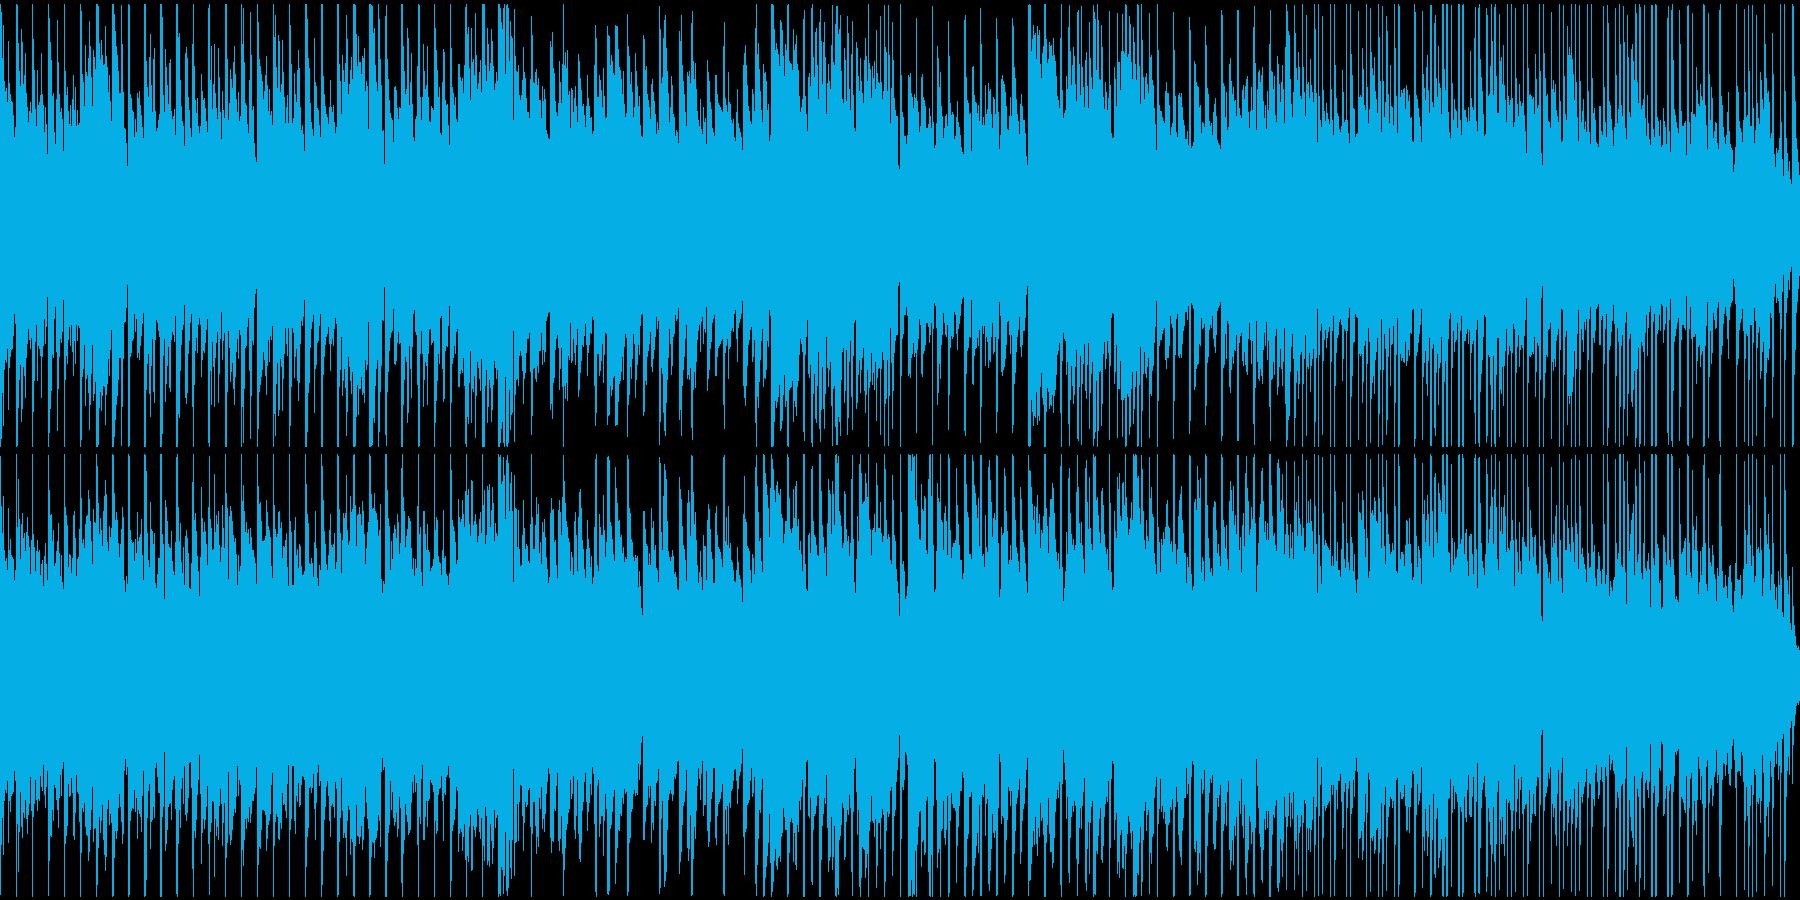 ほのぼのかわいいゲームBGMの再生済みの波形